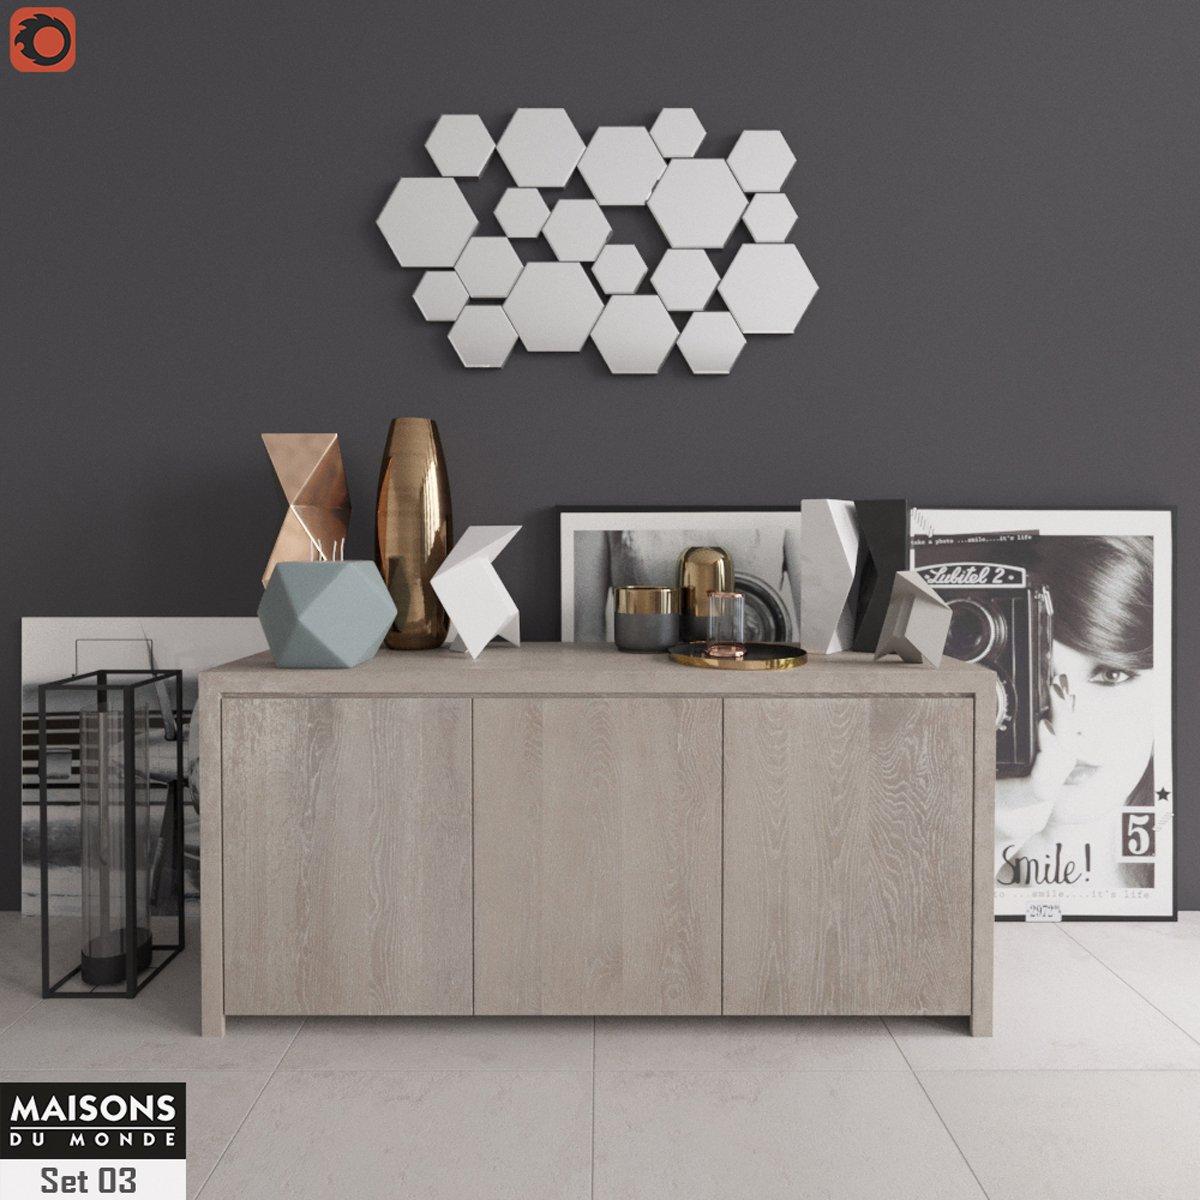 Buffet with decor Maisons du Monde Set 03 3D-Modell in Wohnzimmer 3DExport